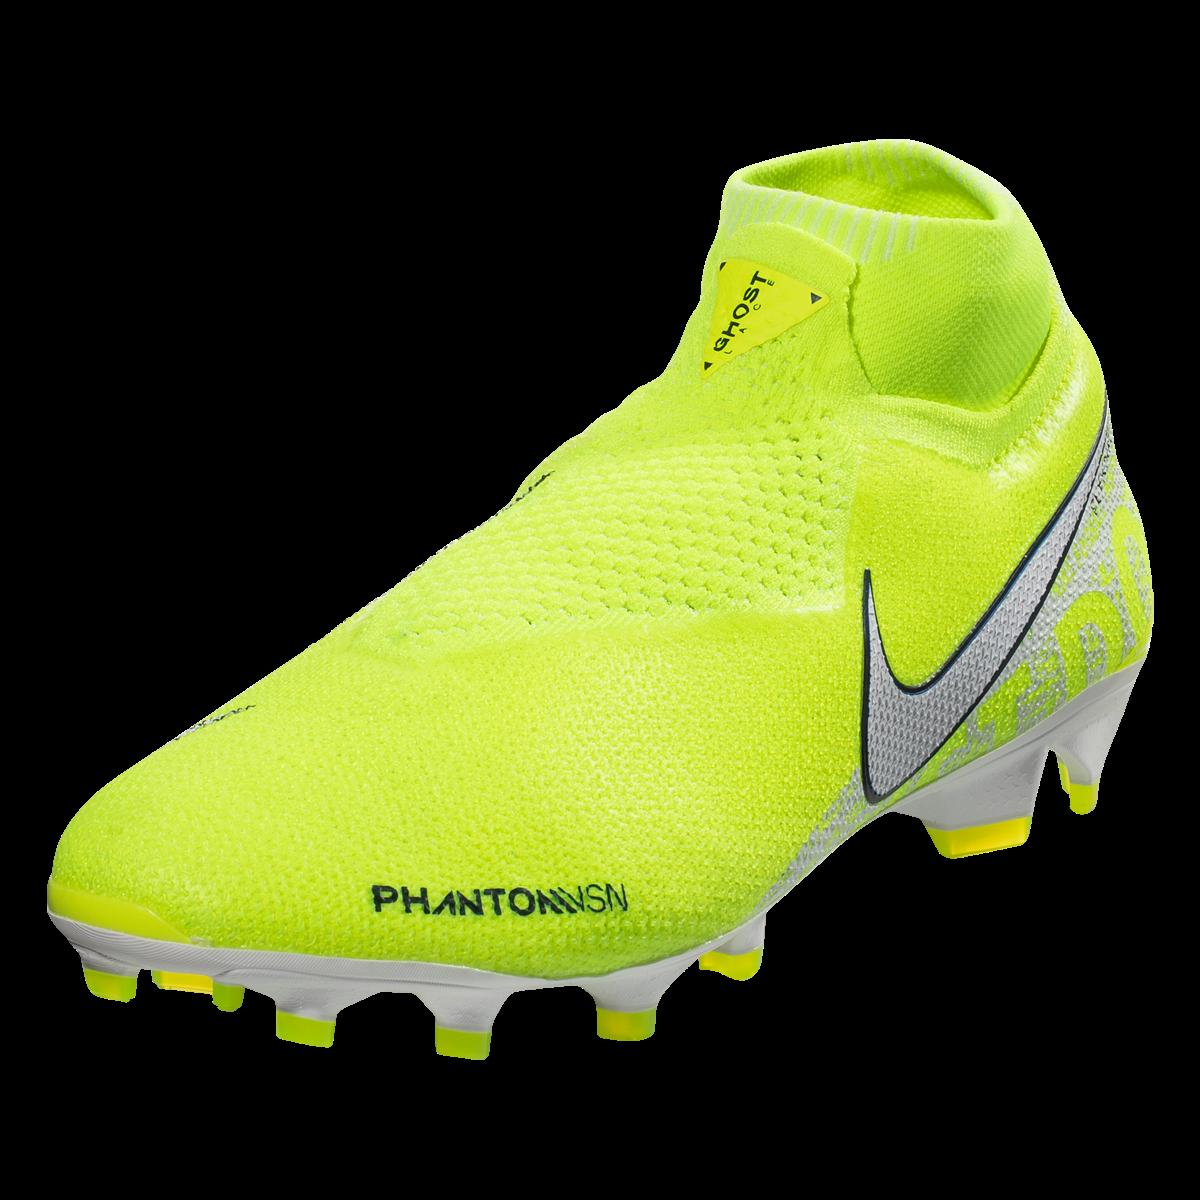 Nike Phantom Vision Elite Df Fg Firm Ground Soccer Cleat Volt White Obsidian 6 5 In 2020 Soccer Cleats Phantom Vision Nike